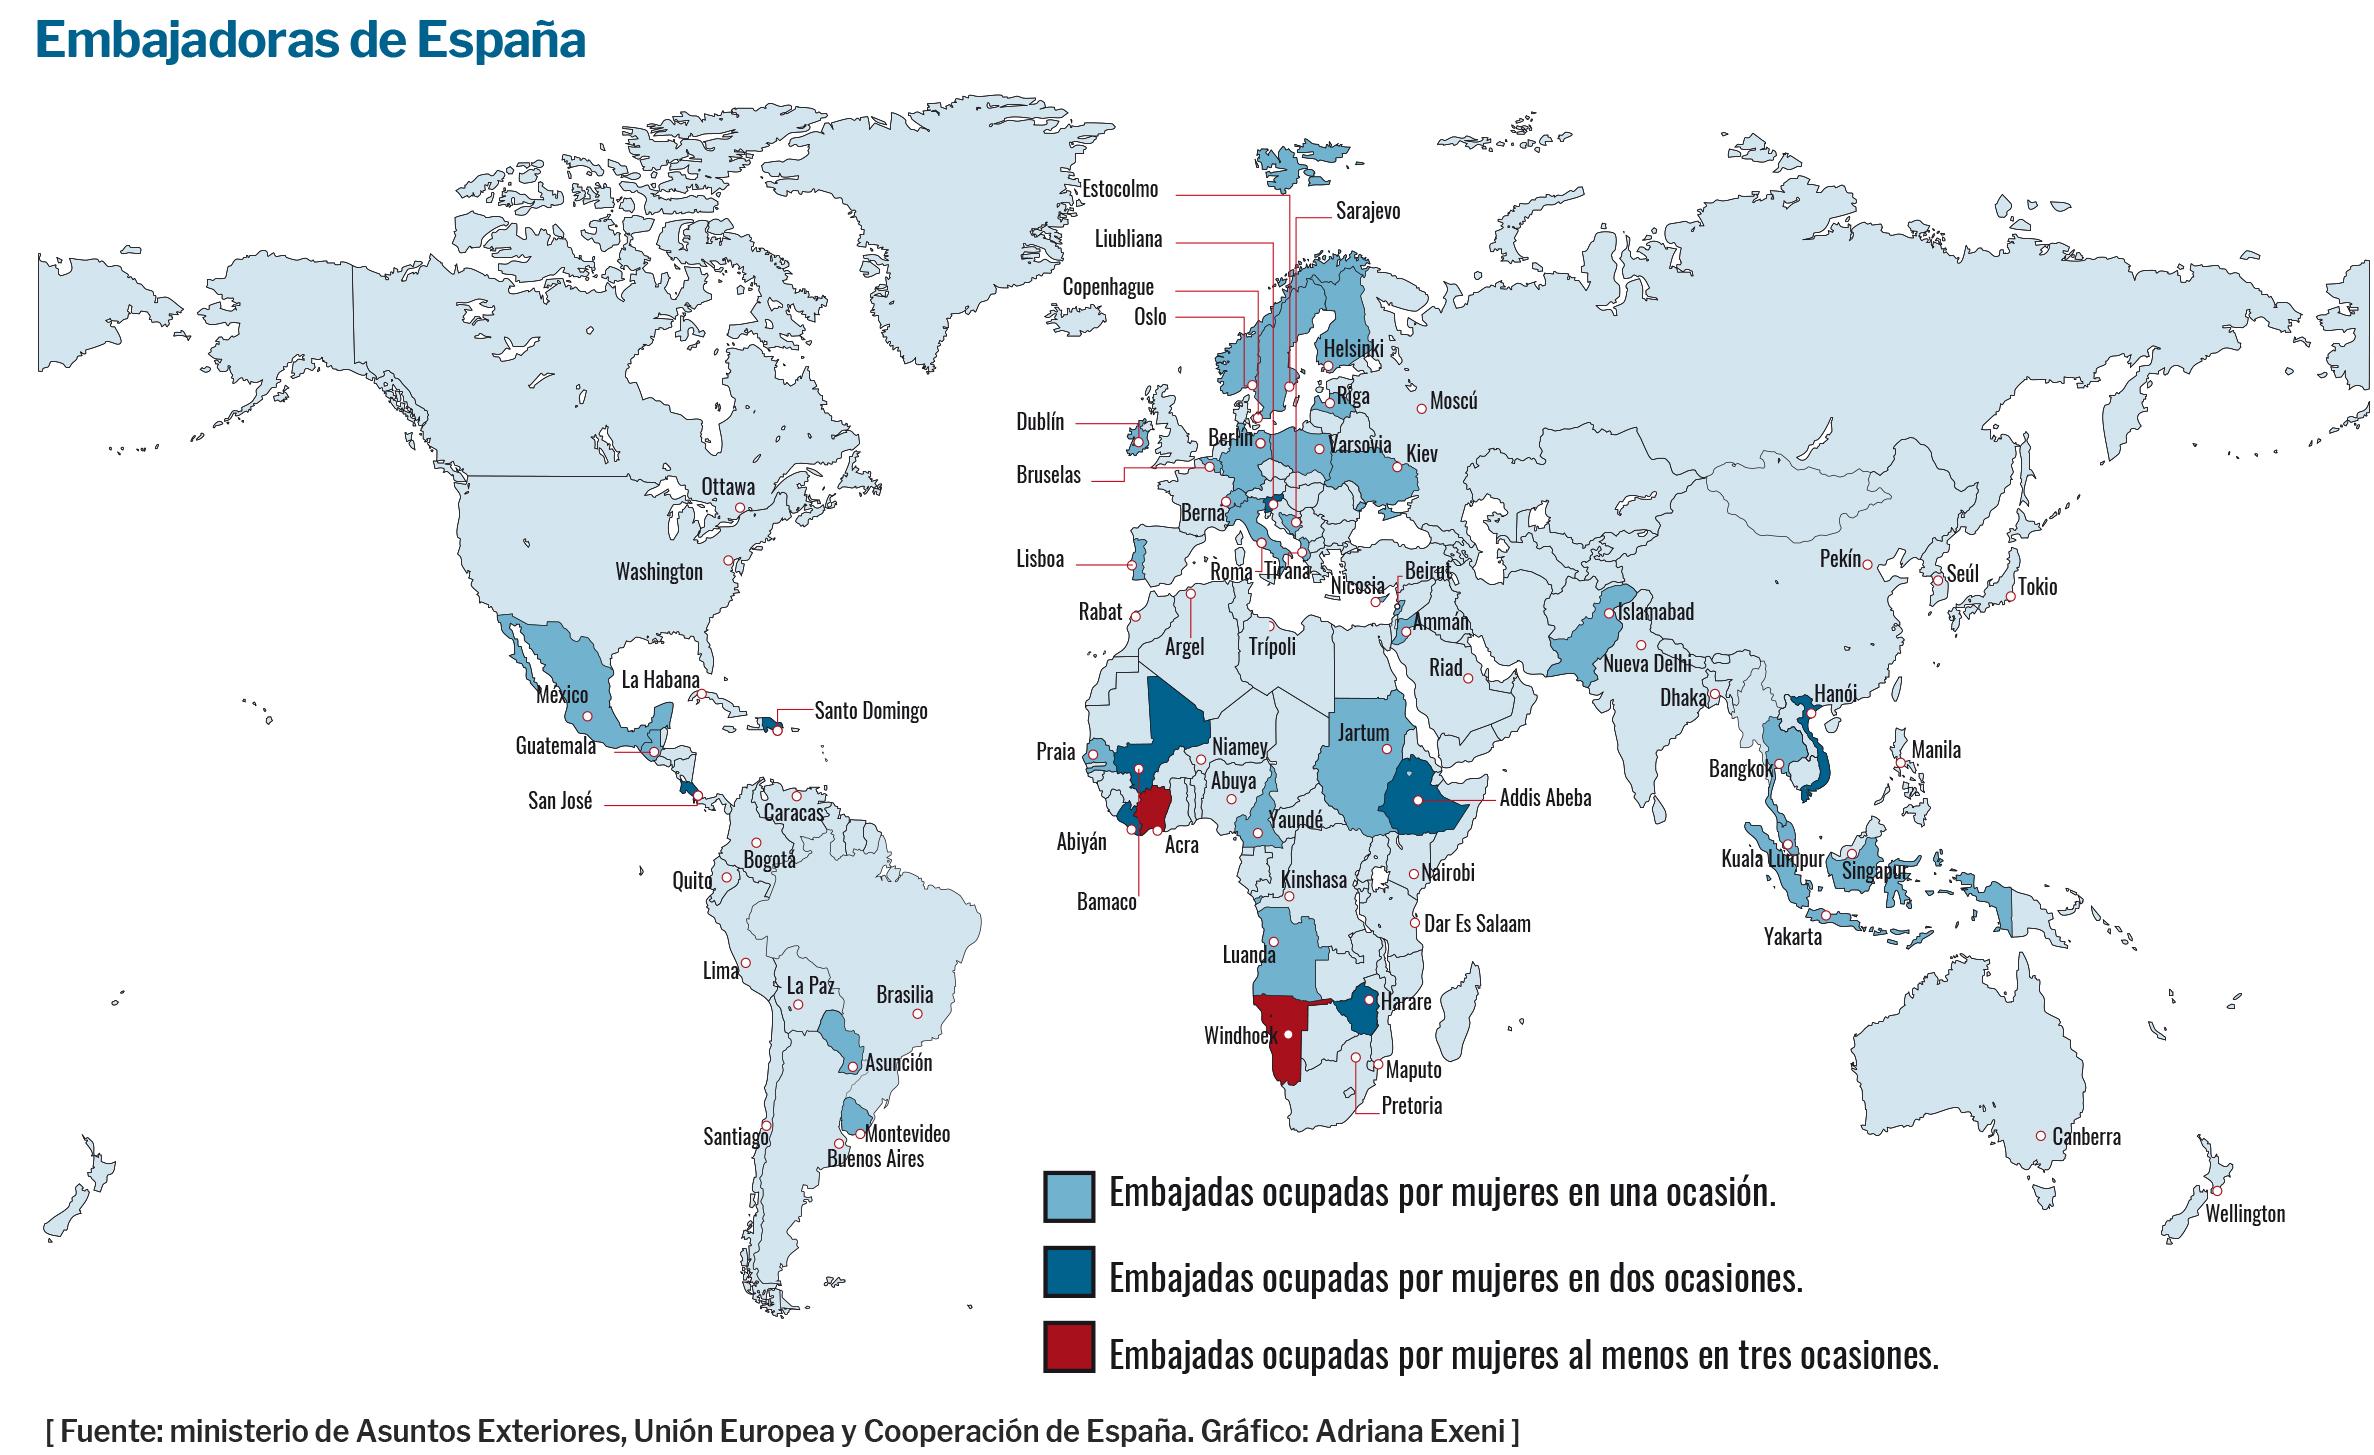 Mapa Embajadas mujeres ok